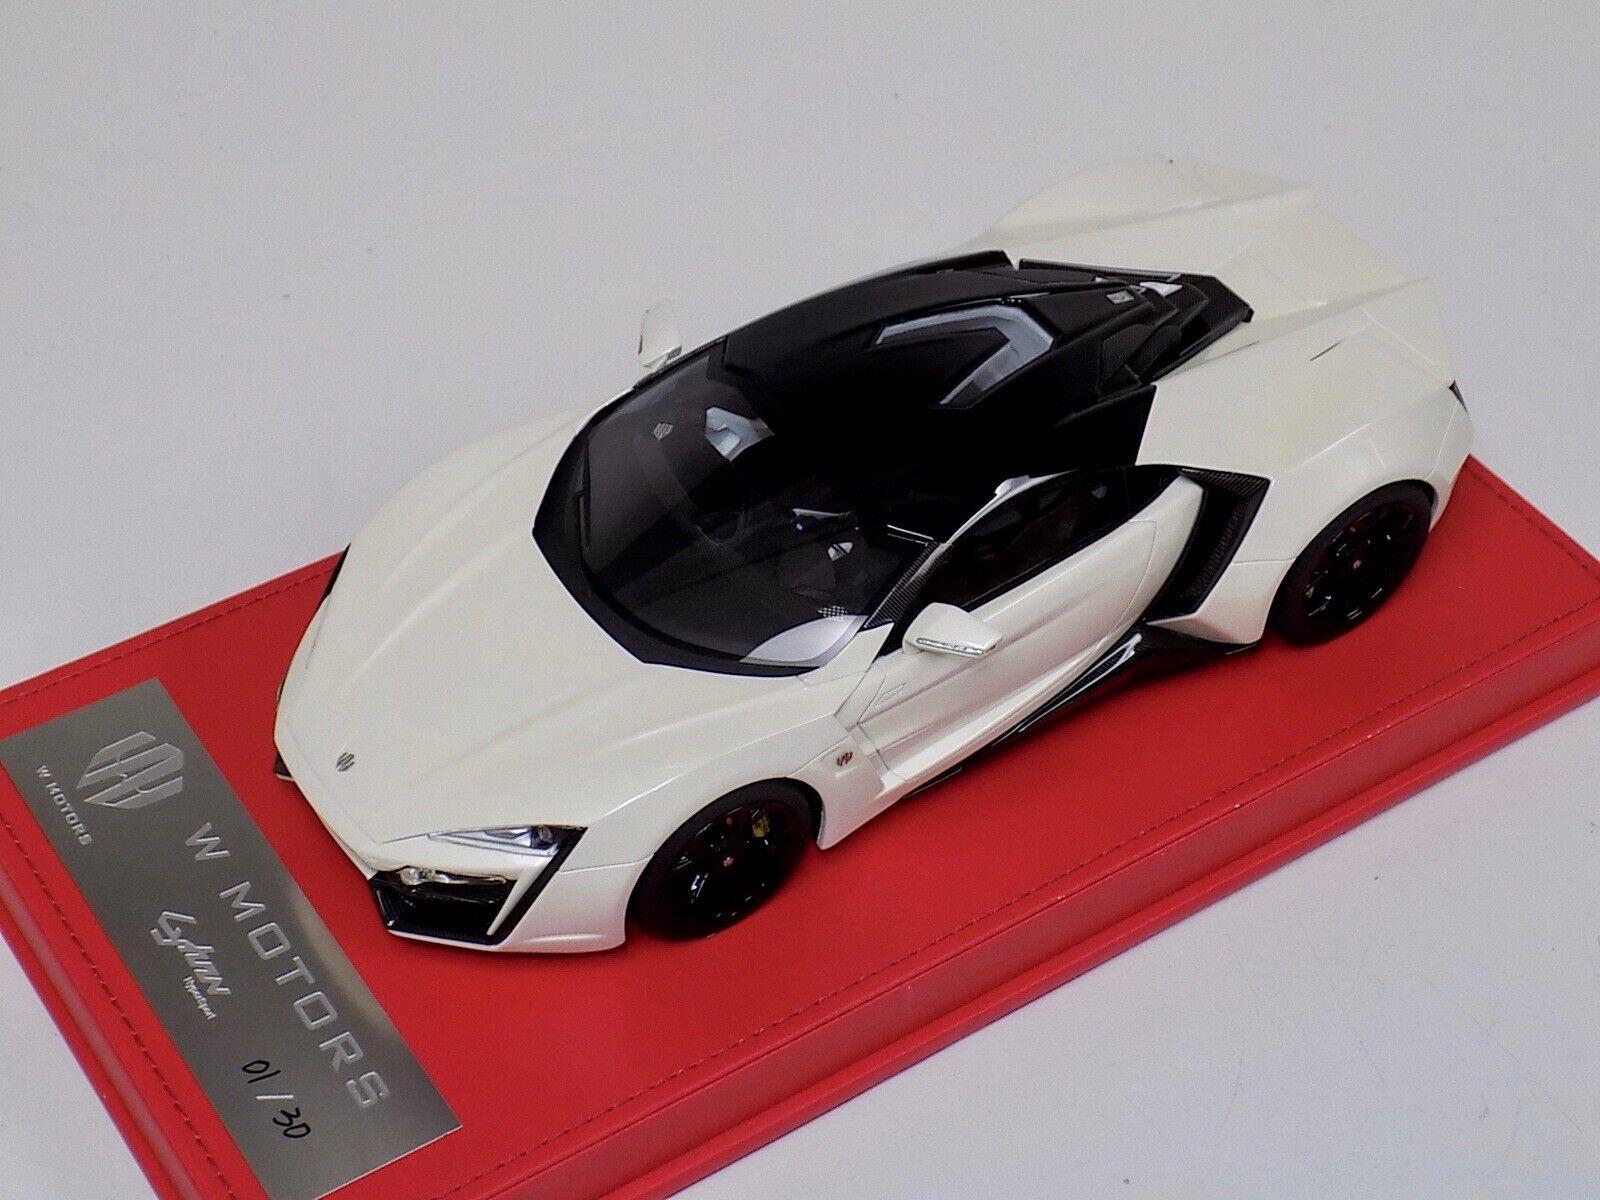 venta con descuento 1 18 W motor Lykan hybersport en blancoo blancoo blancoo modelo  1 30 último  Seleccione de las marcas más nuevas como